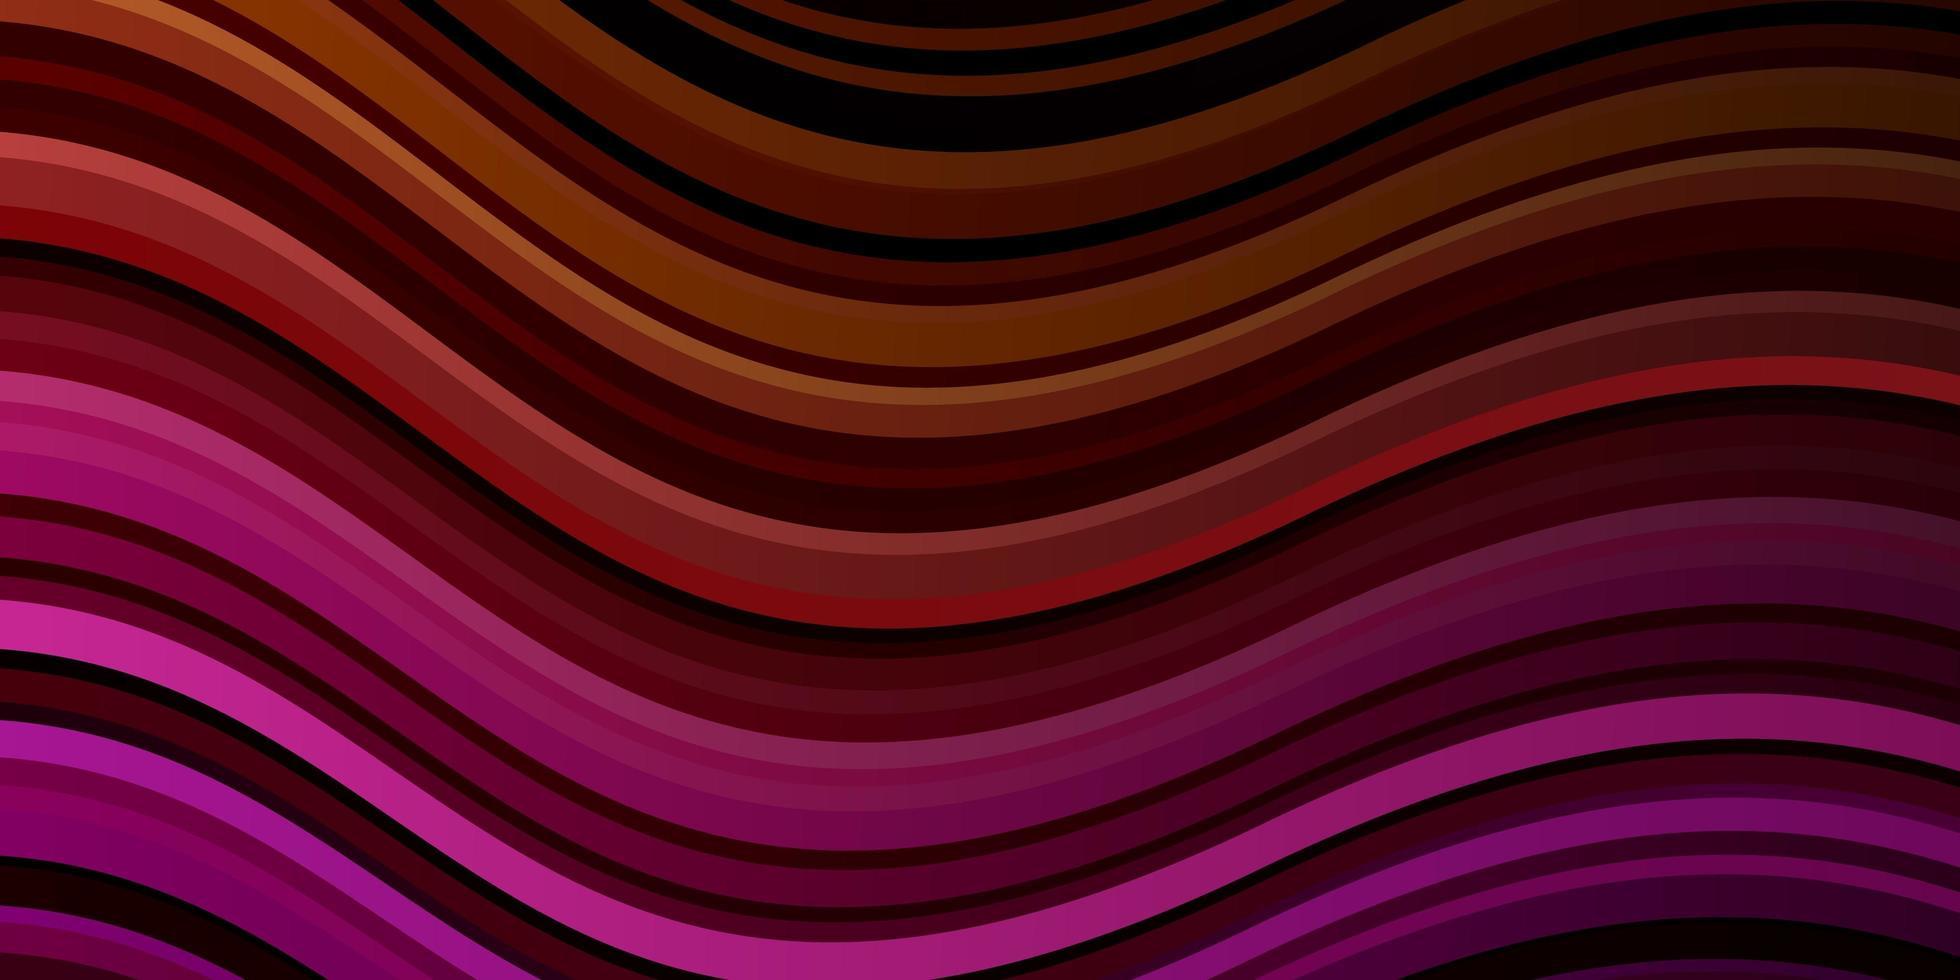 sfondo vettoriale rosa scuro, giallo con linee curve.